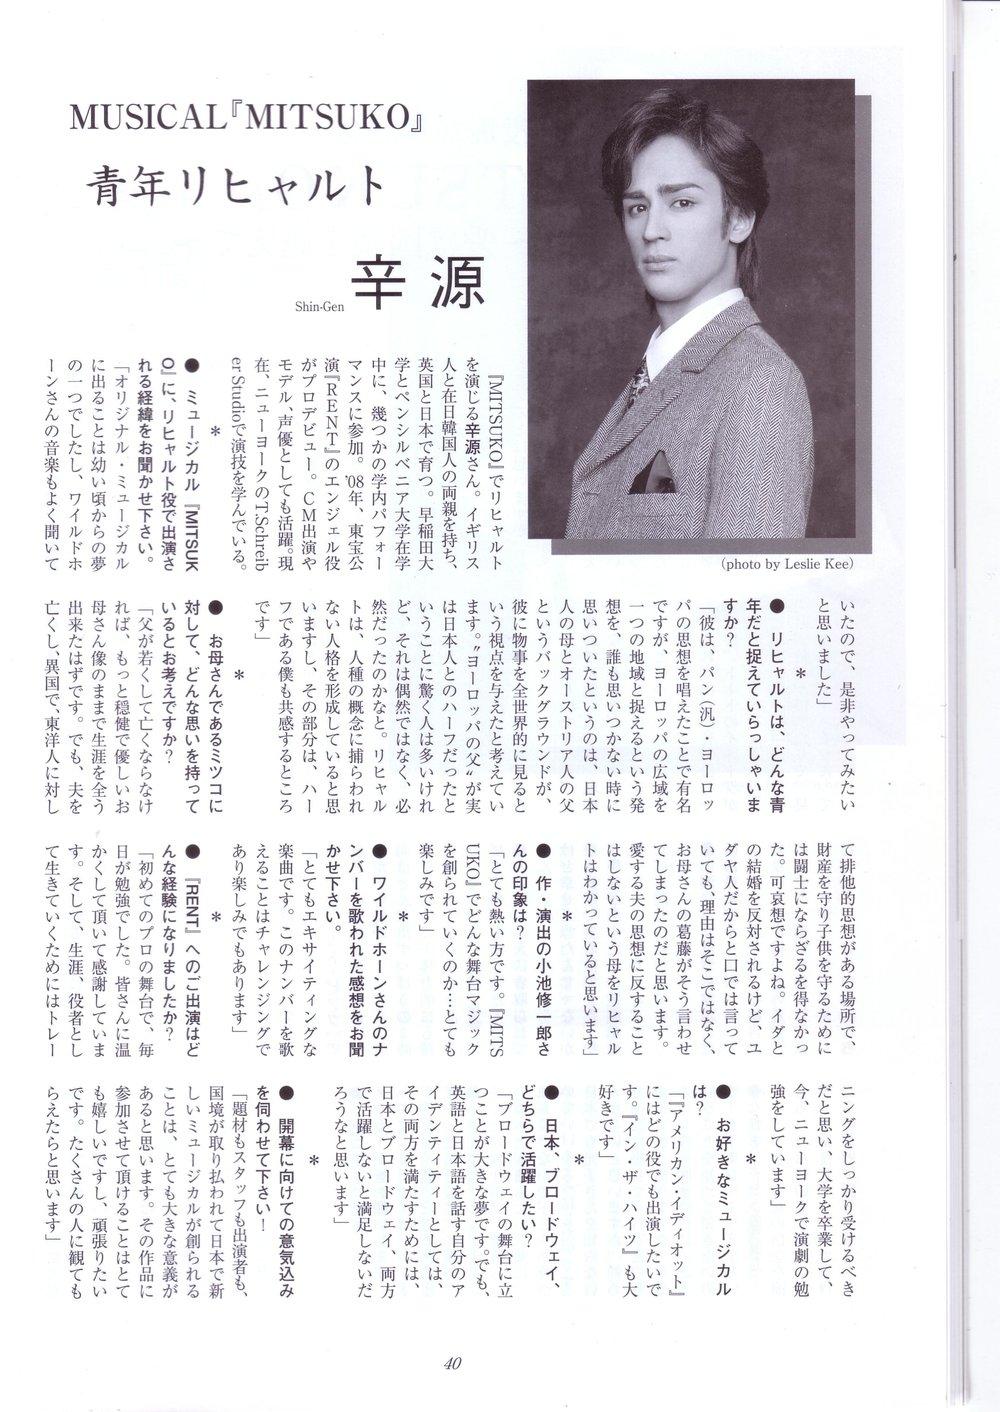 月刊ミューミツコ.JPG